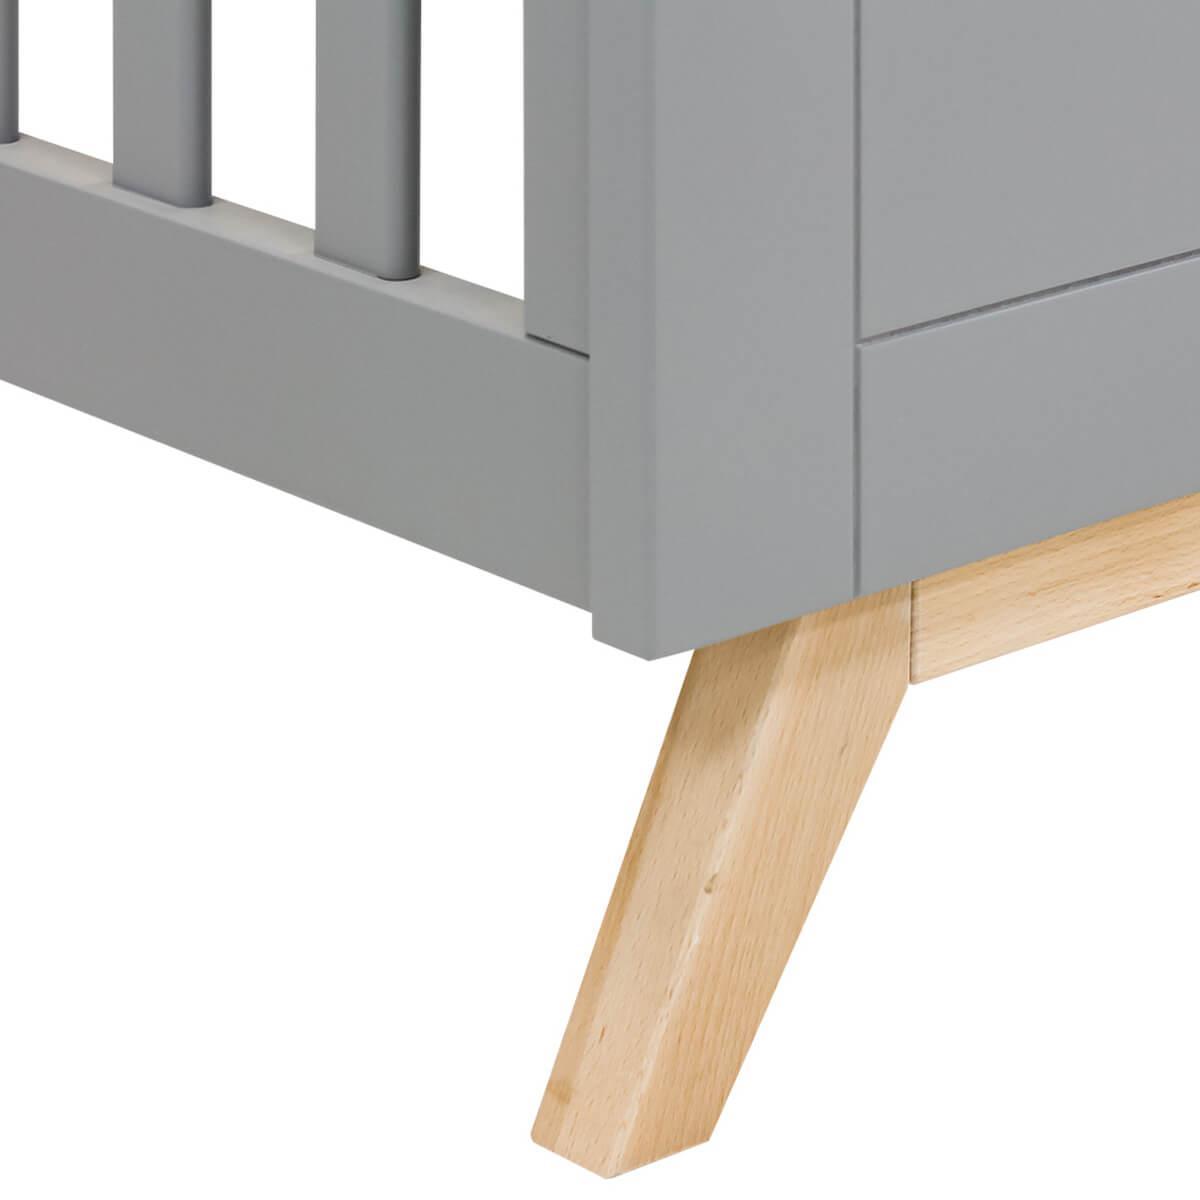 Cuna 60x120cm FENNA Bopita gris-natural